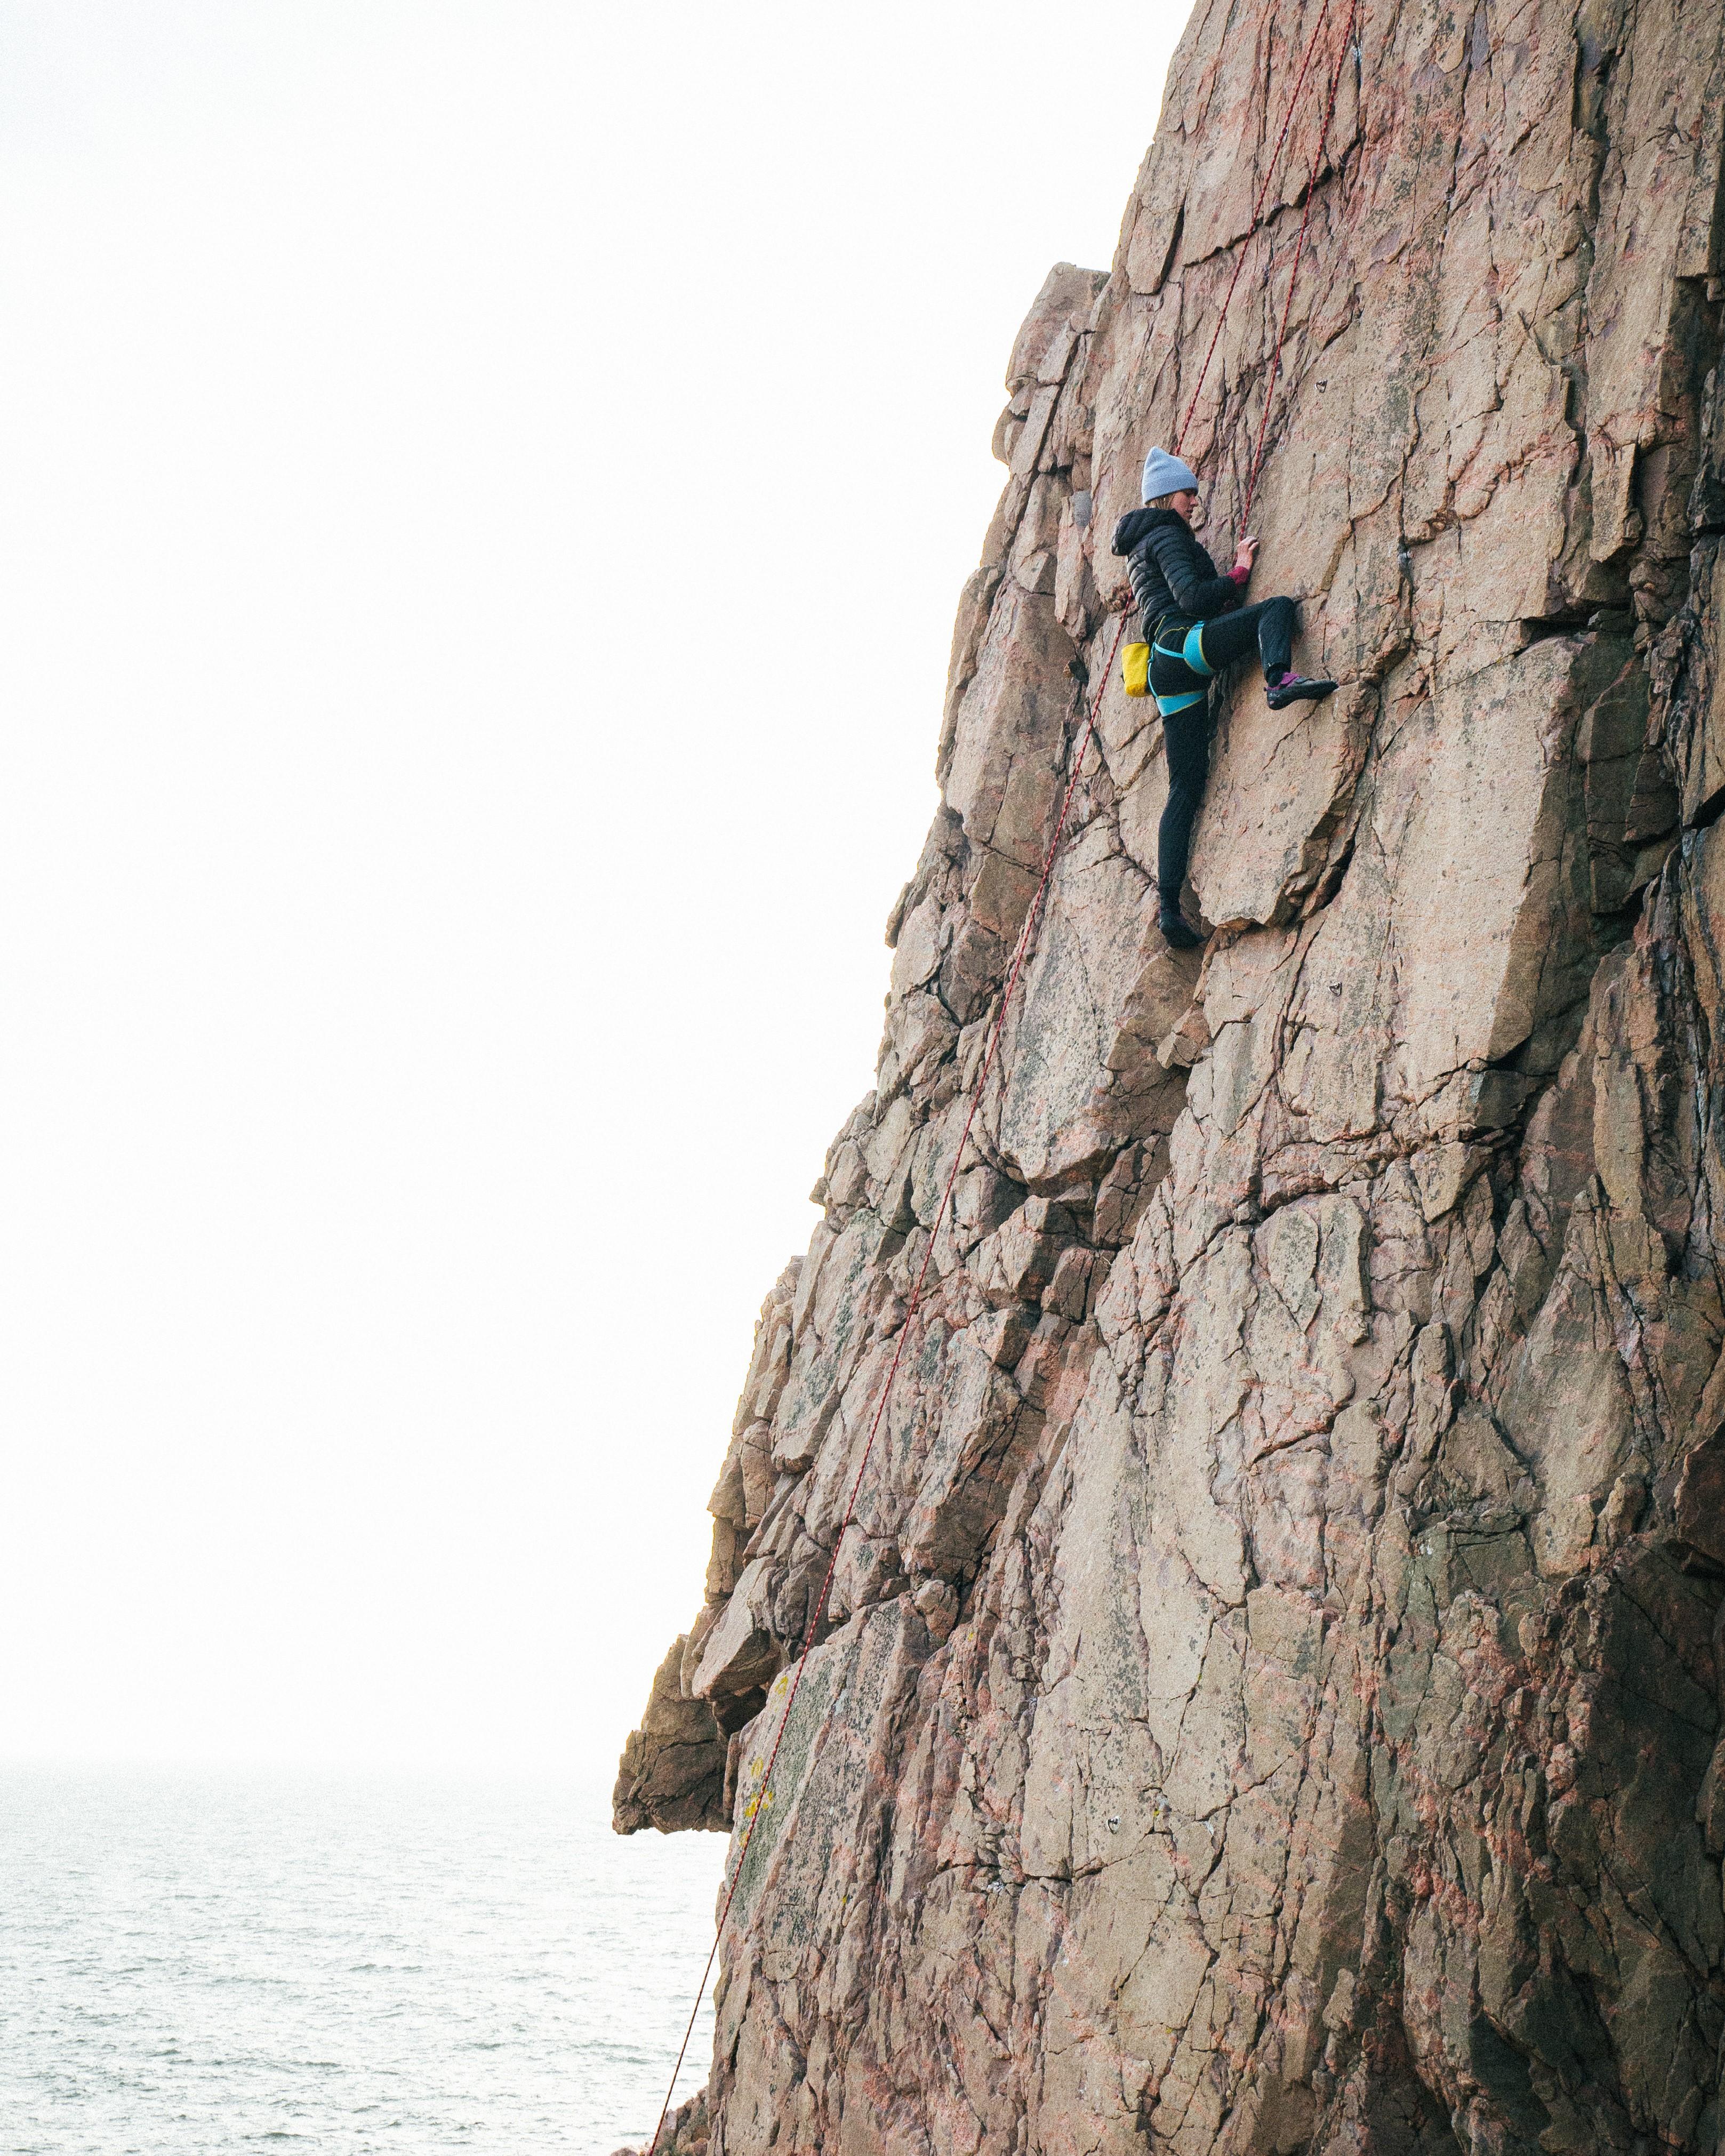 On Edge climbing